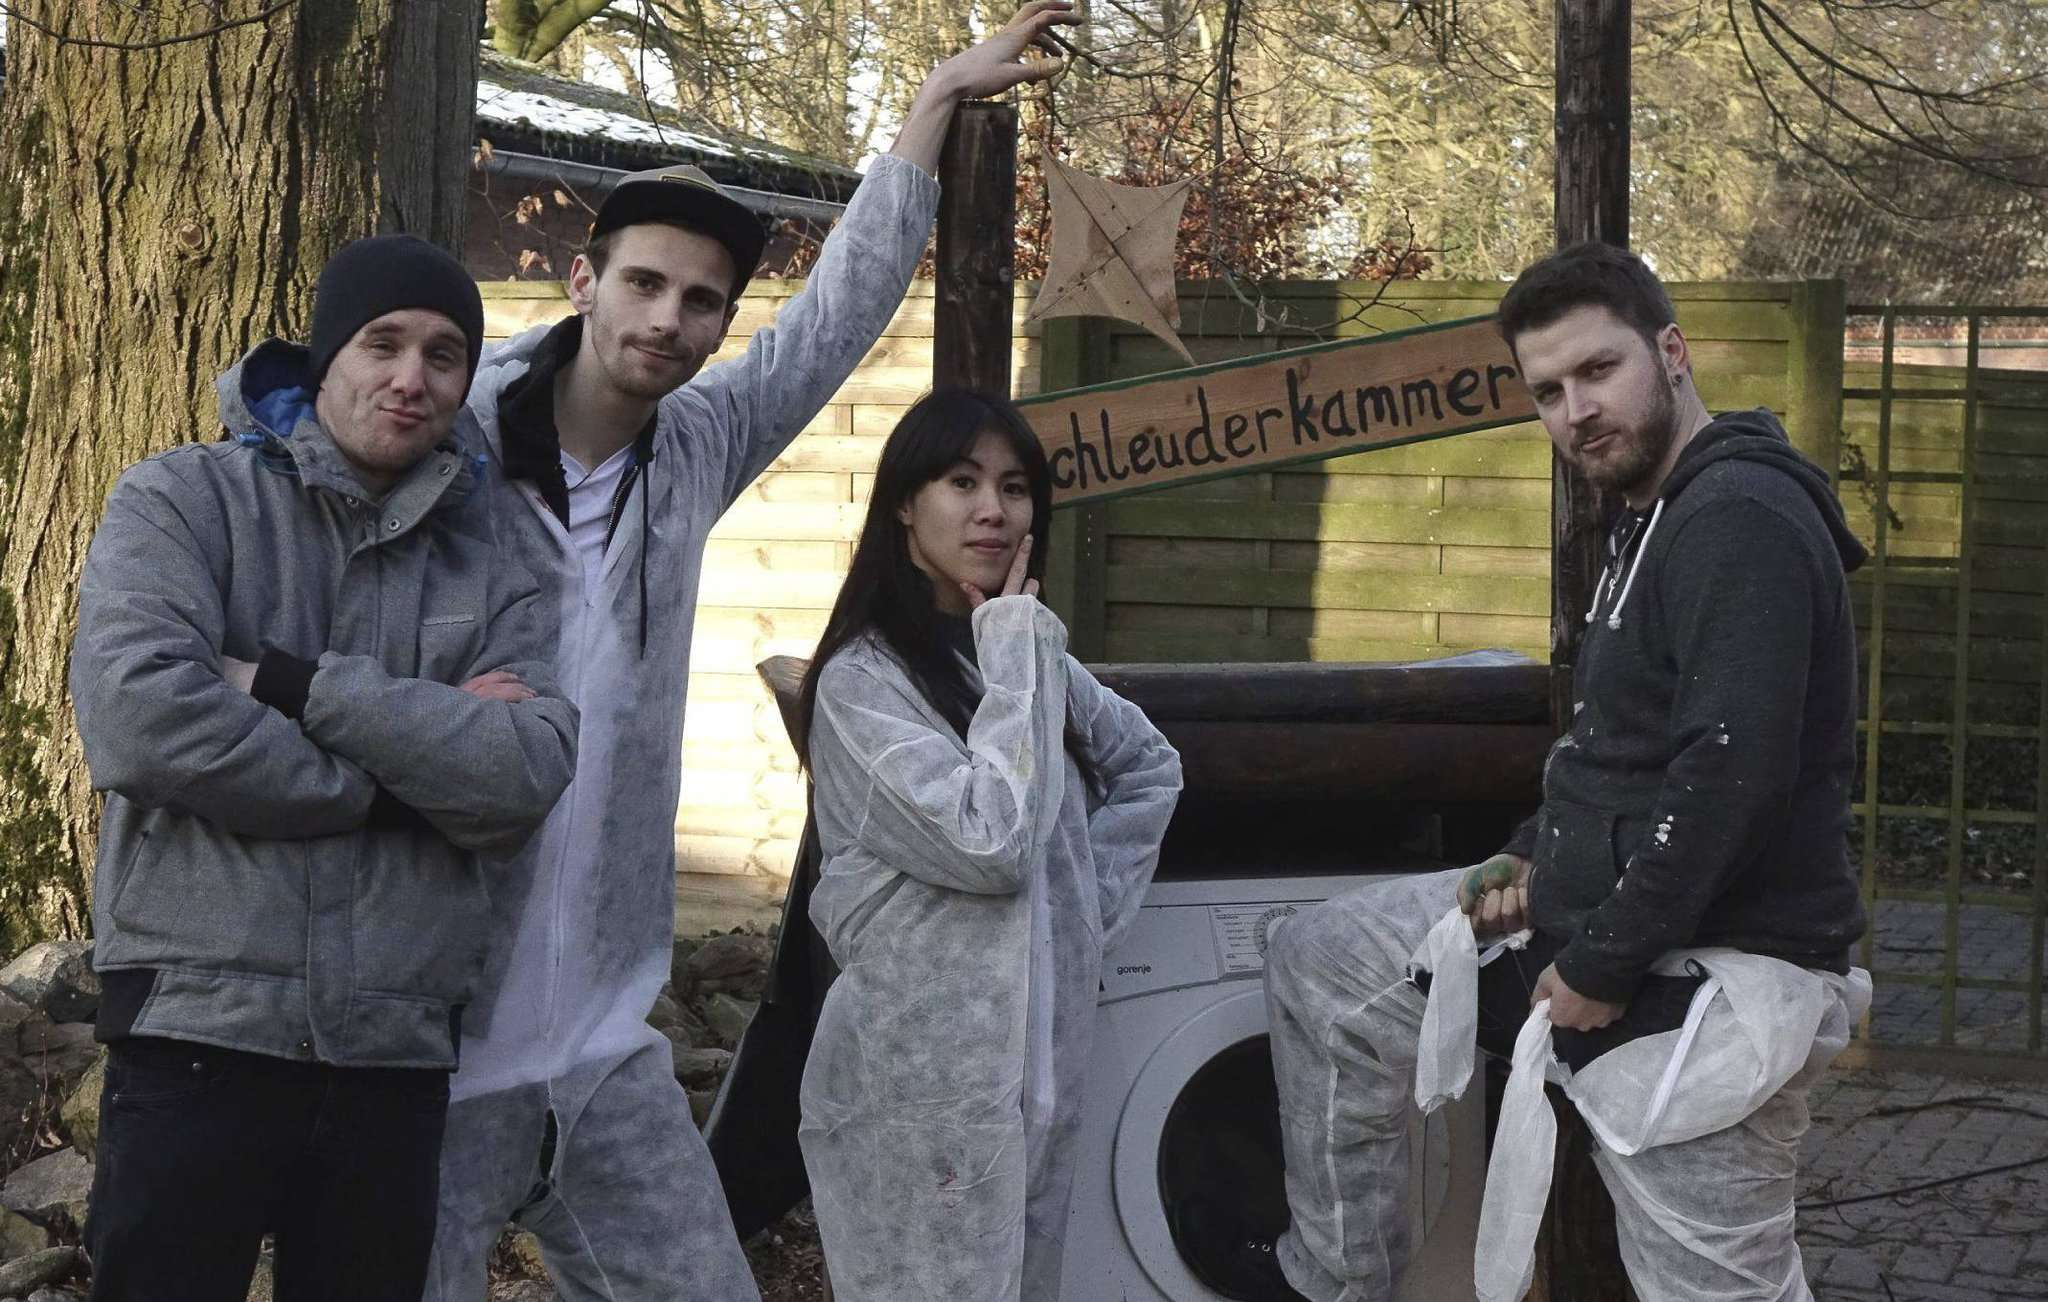 Zwar gestellt, dafür aber lässig: Rundschau-Redakteur Joris Ujen (von links) posiert neben den Youtube-Stars Fynn, Mai und Hauke sowie der Schleuderkammer.